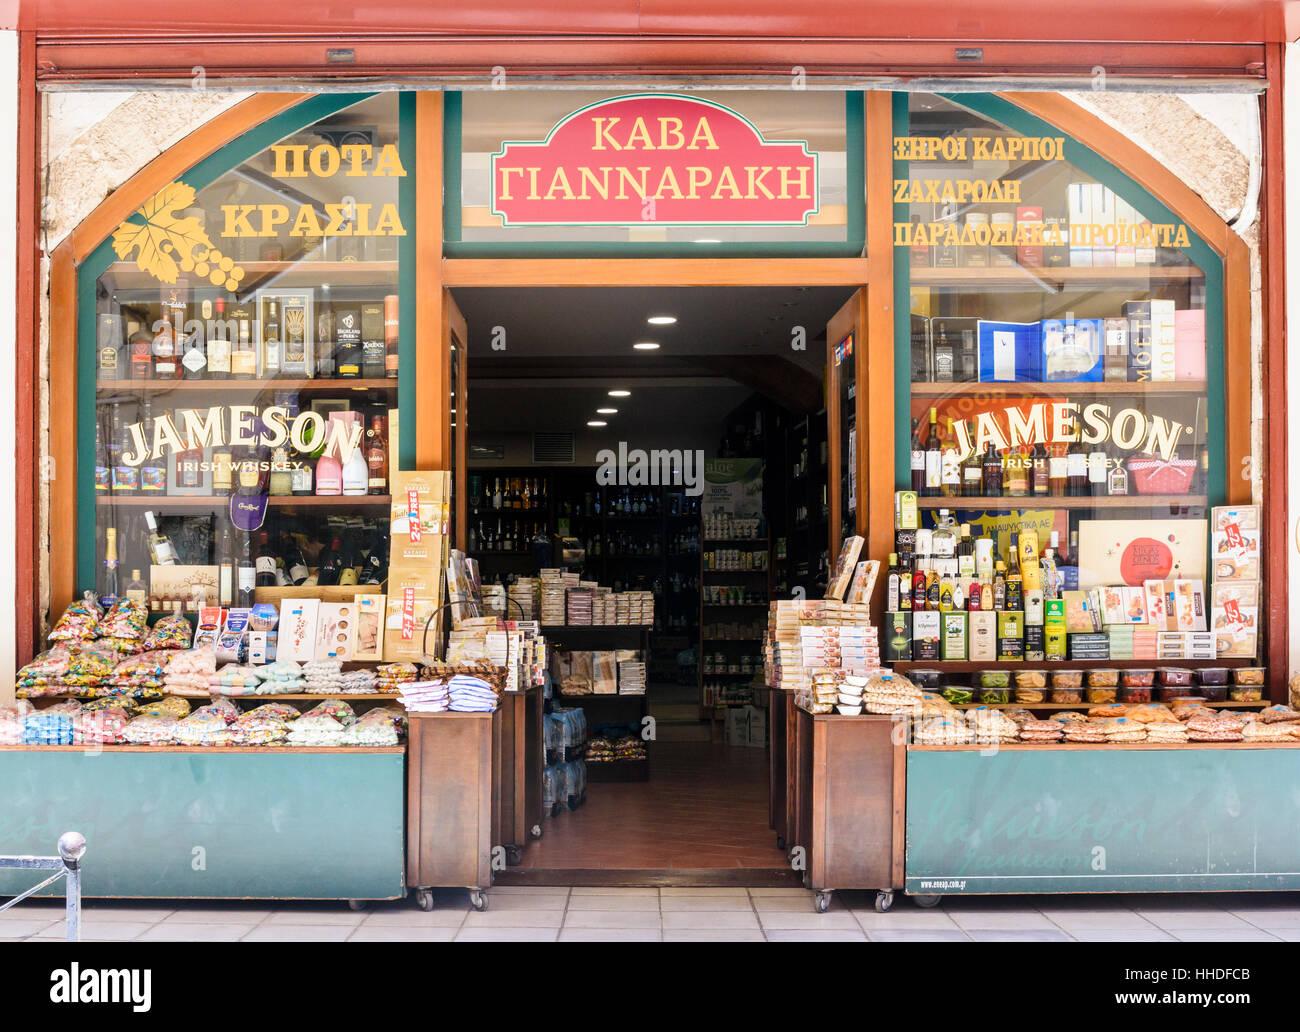 Giannarakos-Wein und Getränke-Shop in Chania, Kreta, Griechenland ...